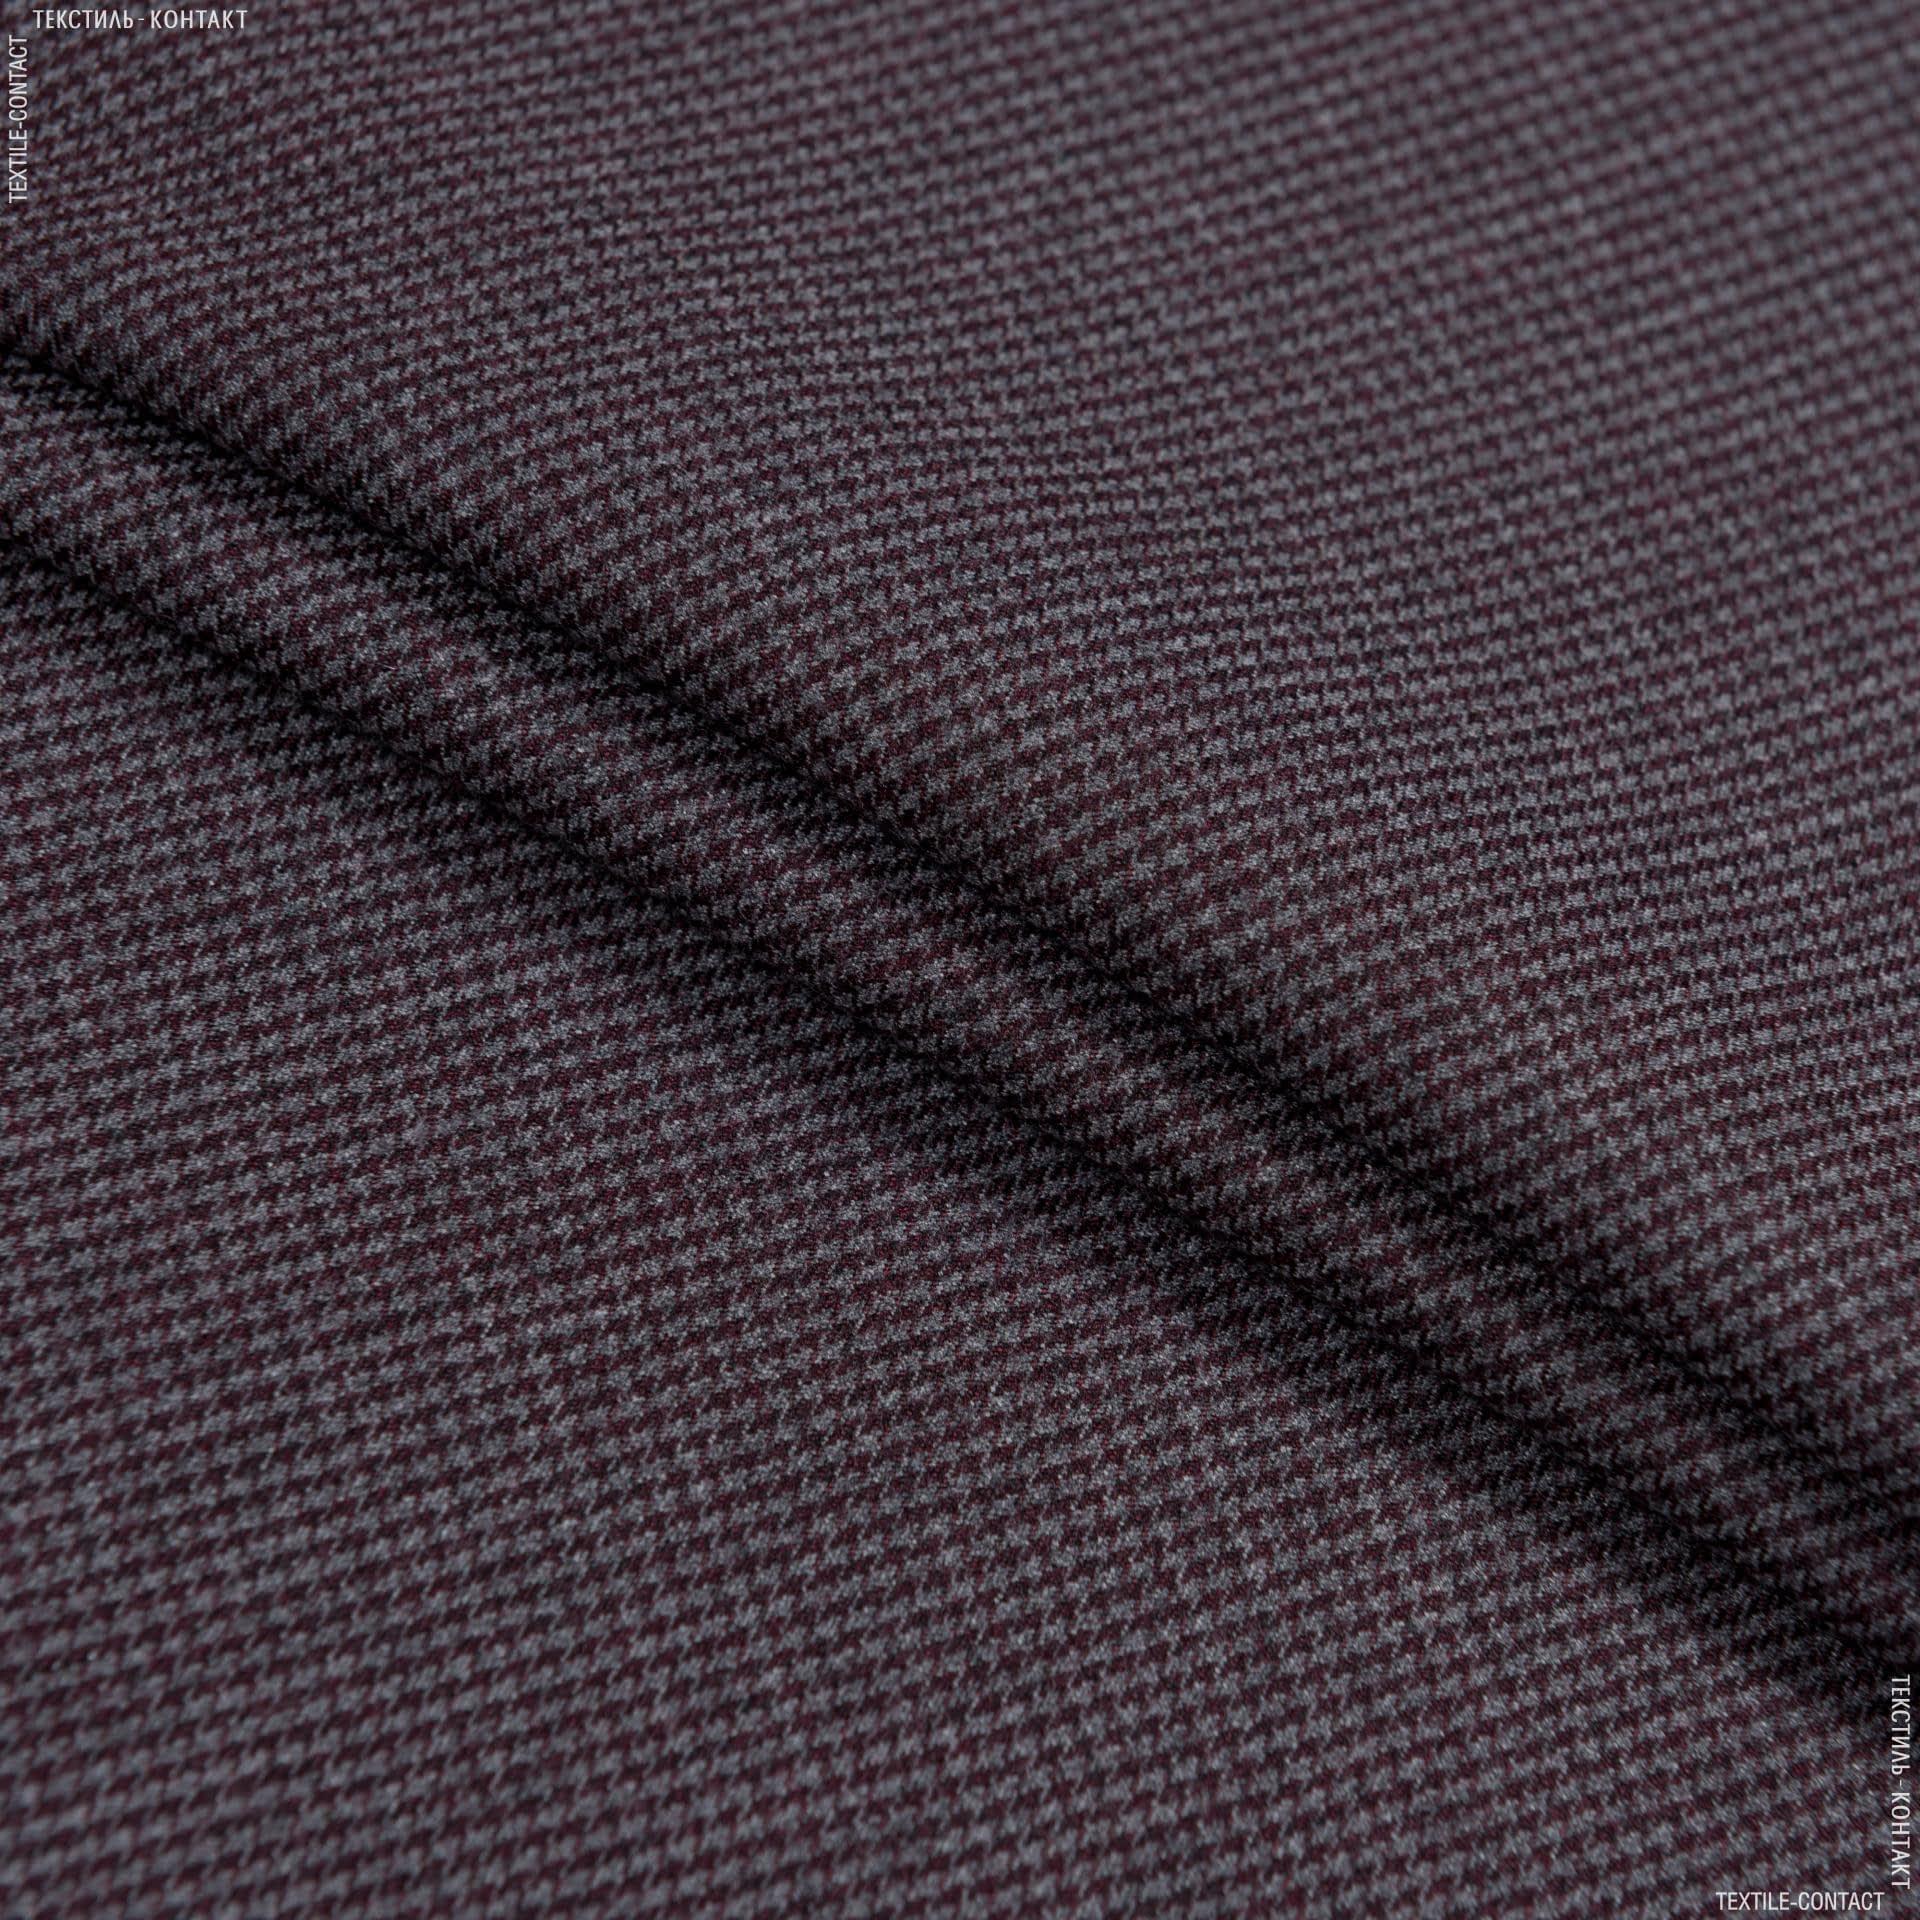 Ткани для костюмов - Костюмная вискоза серо-бордовый